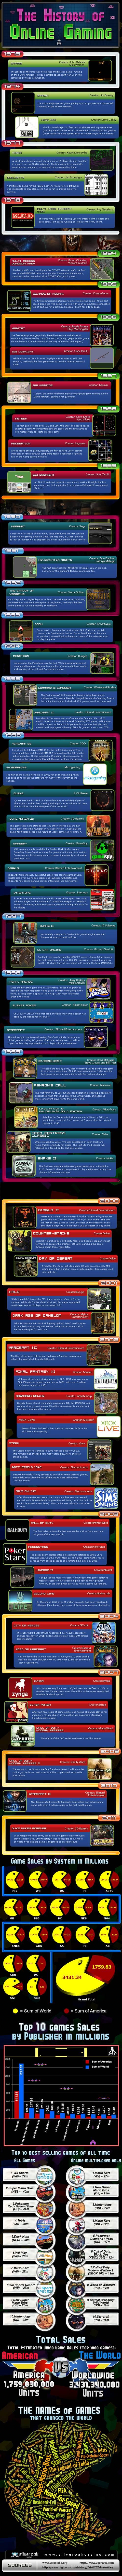 La historia de los juegos online [Infografía]